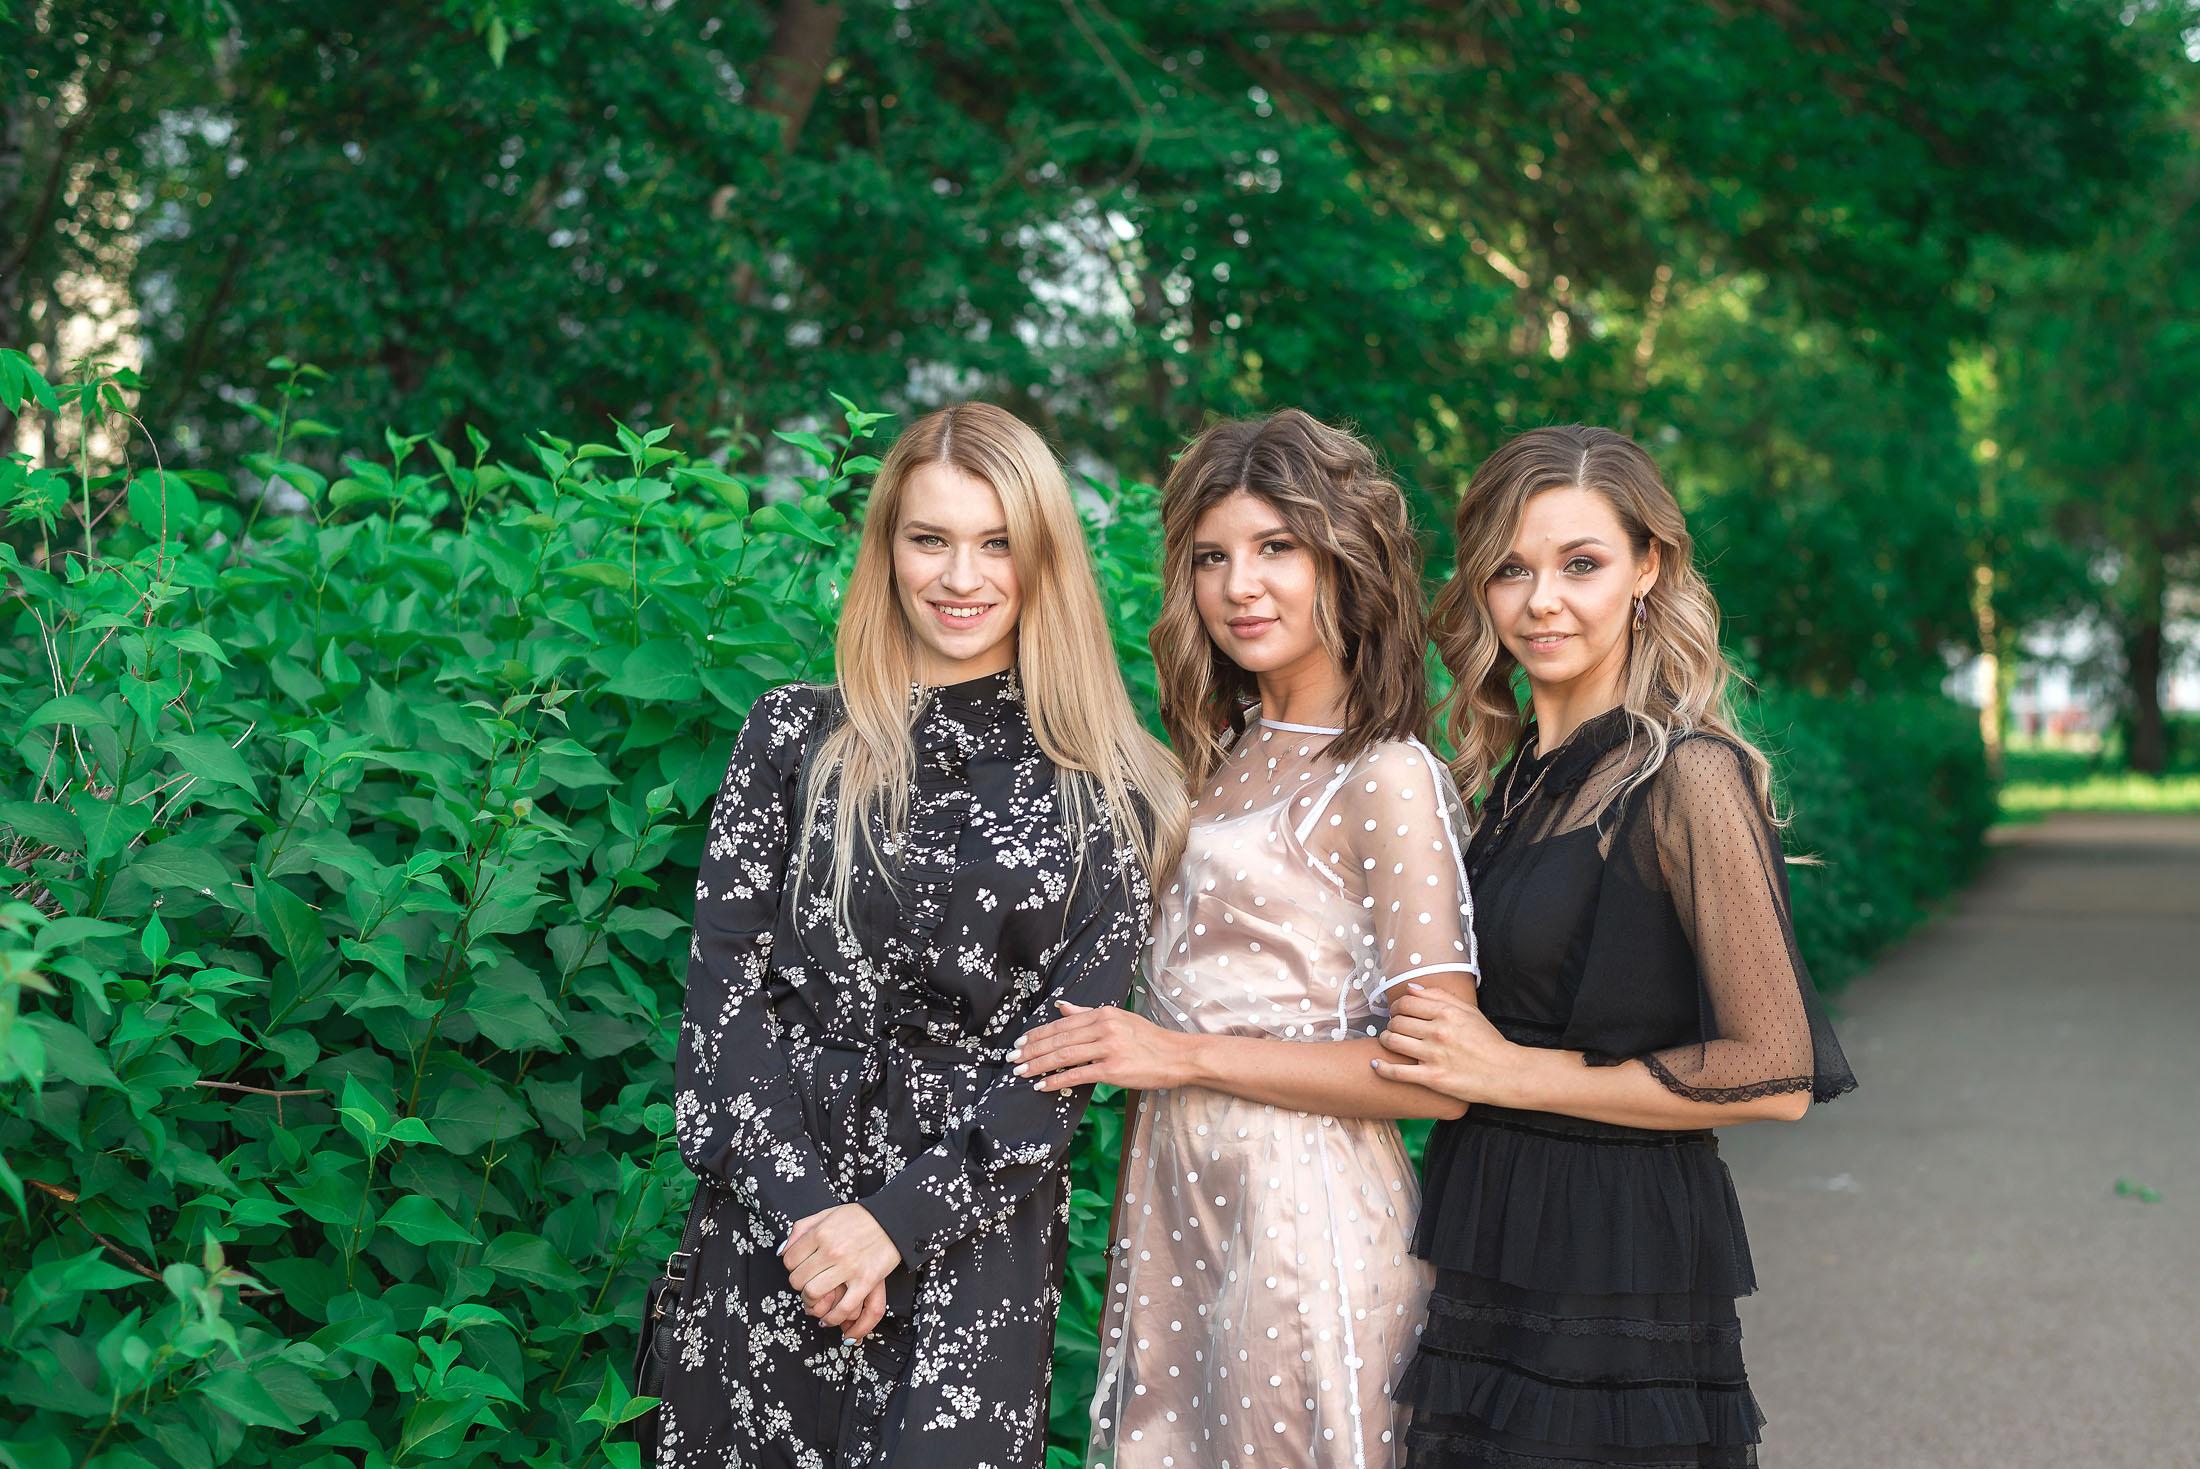 Девчата. Фотограф Стерлитамак Лилия Арсланова, фотограф на с, свадьба Стерлитамак, фотосъемка Стерлитамак, фотосьемка Стерлитамак, заказать фотографа в Стерлитамаке недорого